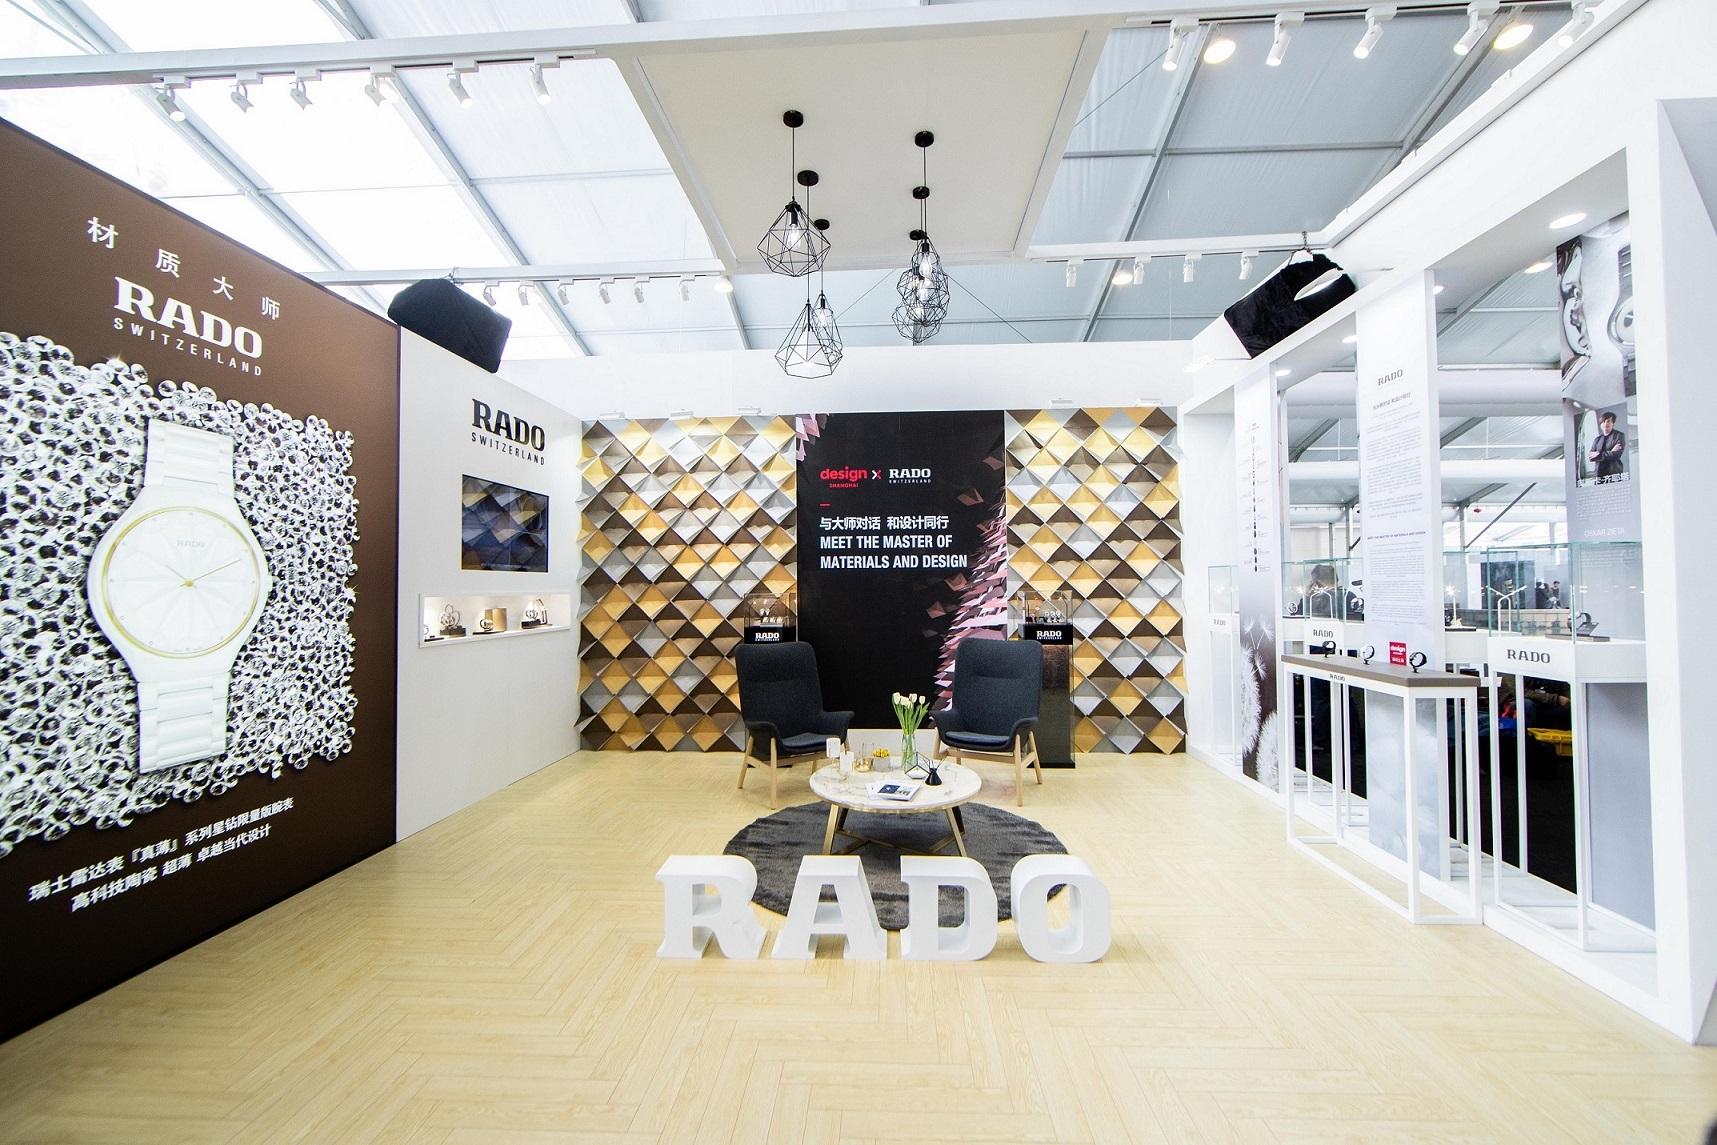 """RADO瑞士雷达表再度携手""""设计上海""""探索设计与材质的融合之美"""